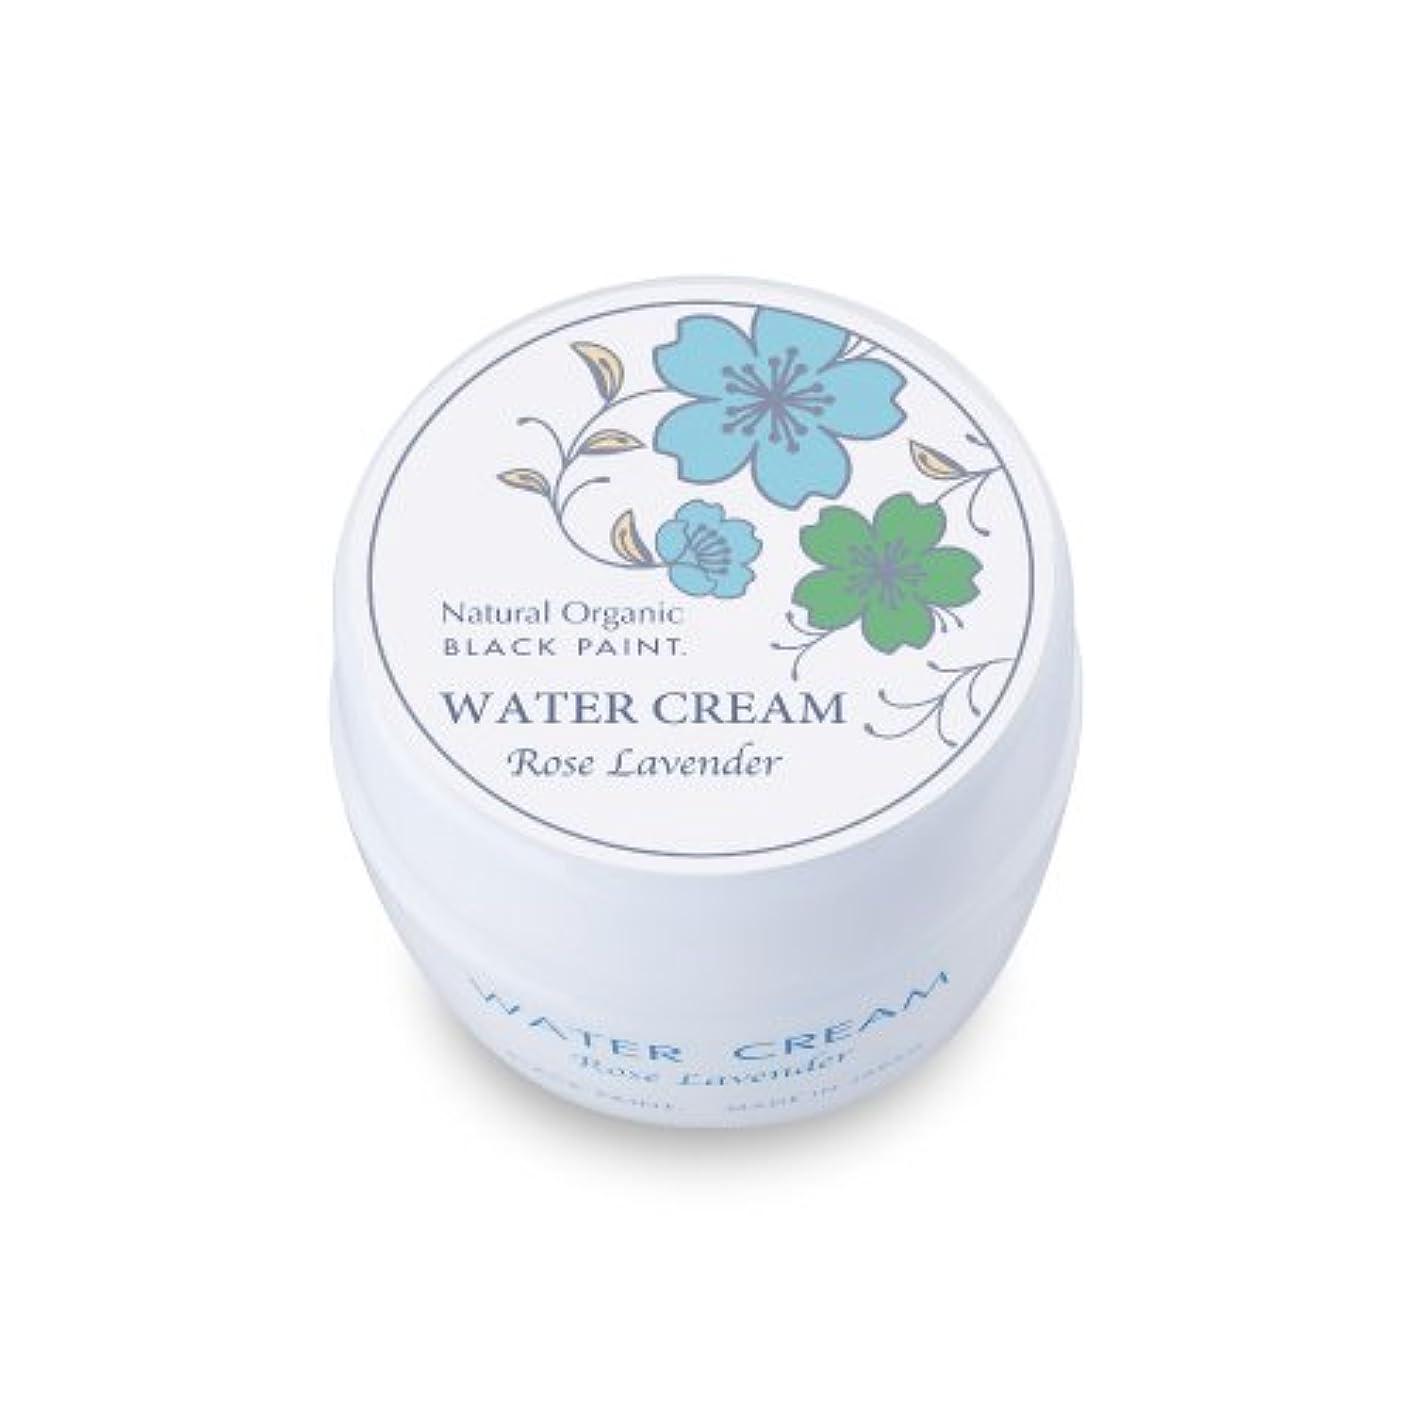 ウォータークリーム ローズラベンダー50g 保湿クリーム